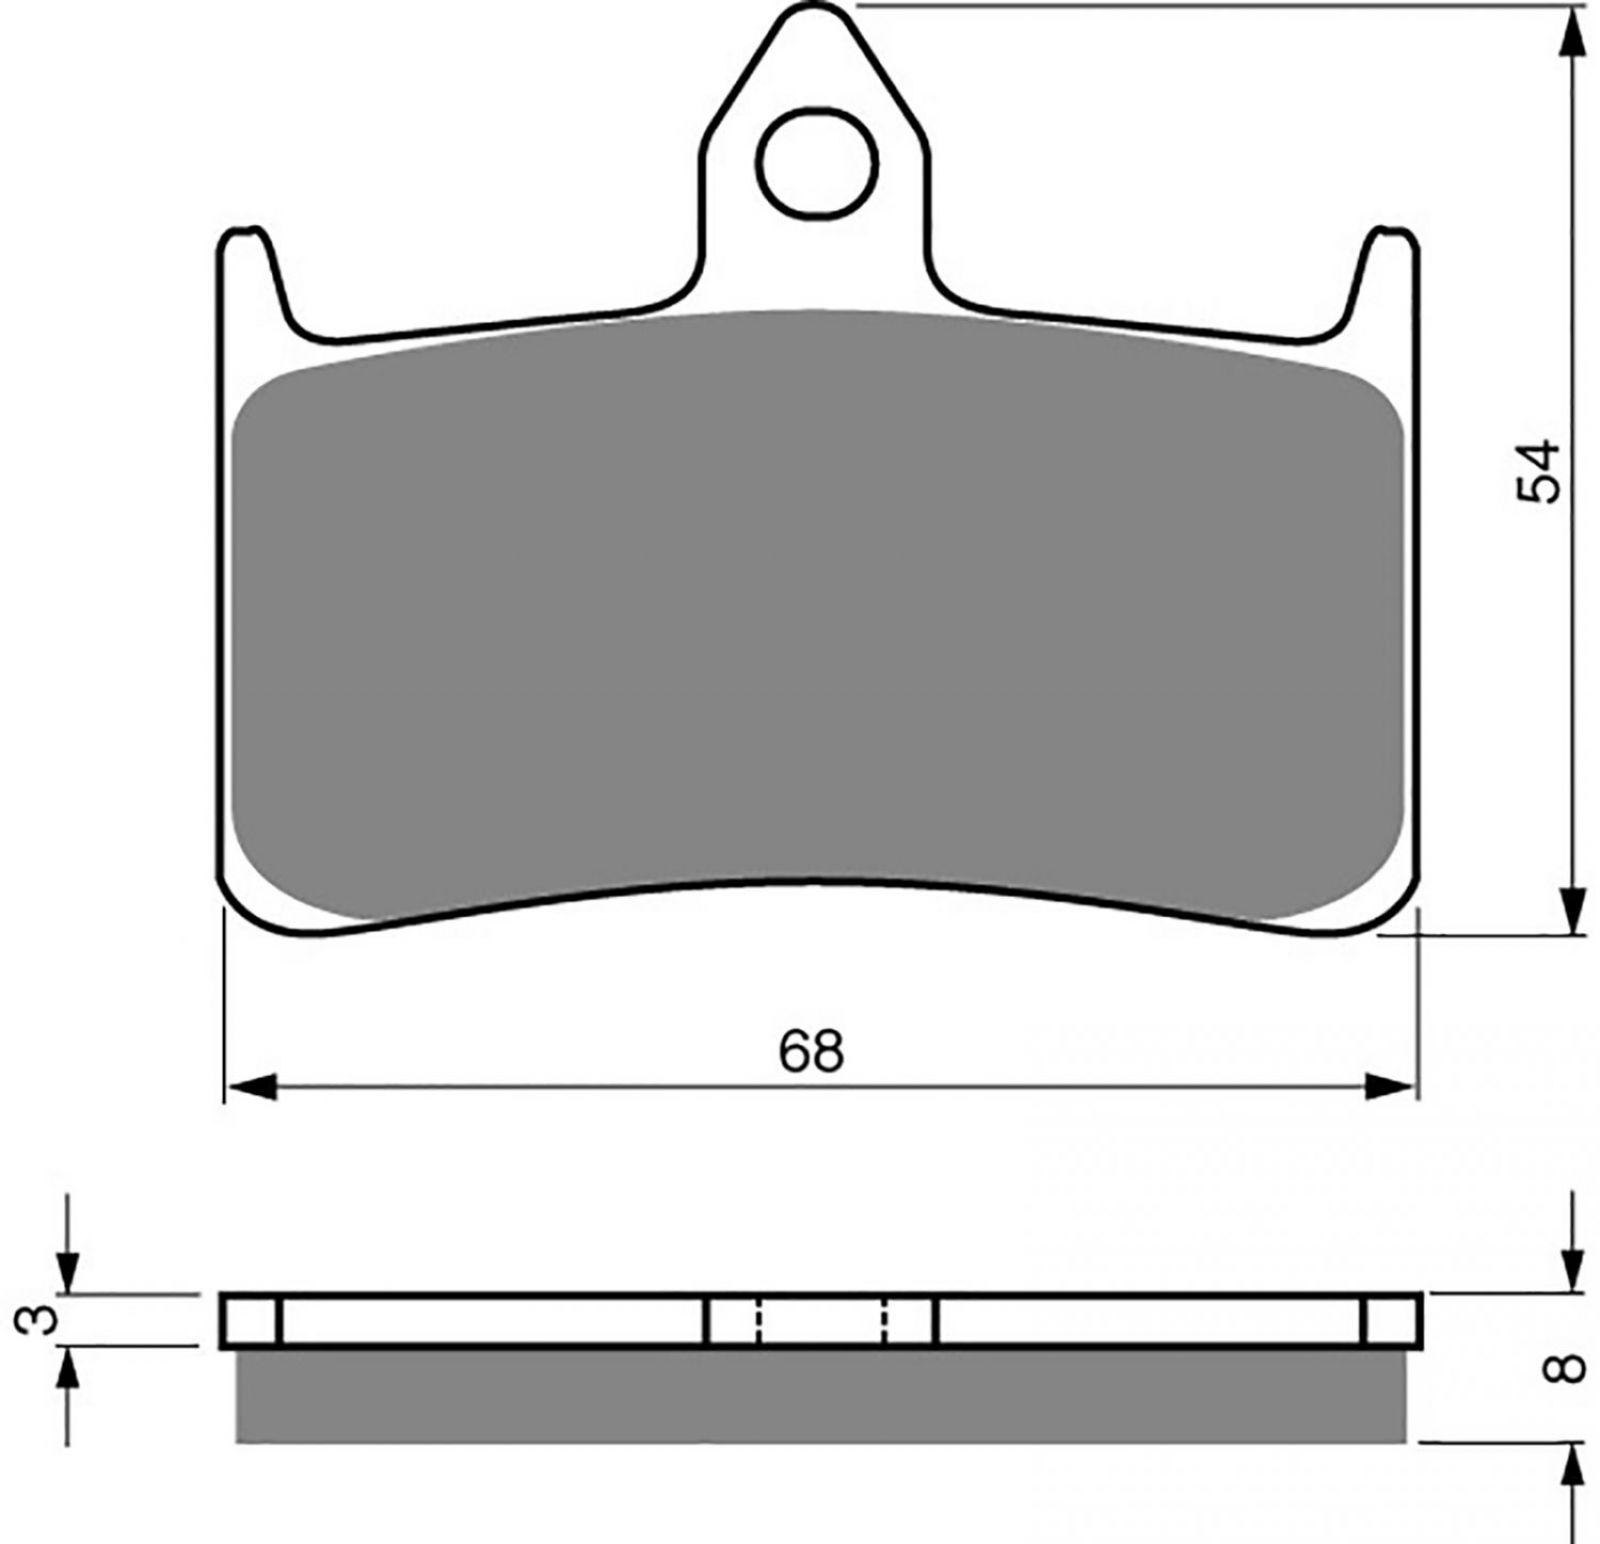 Goldfren GP5 Brake Pads - 700069GG image